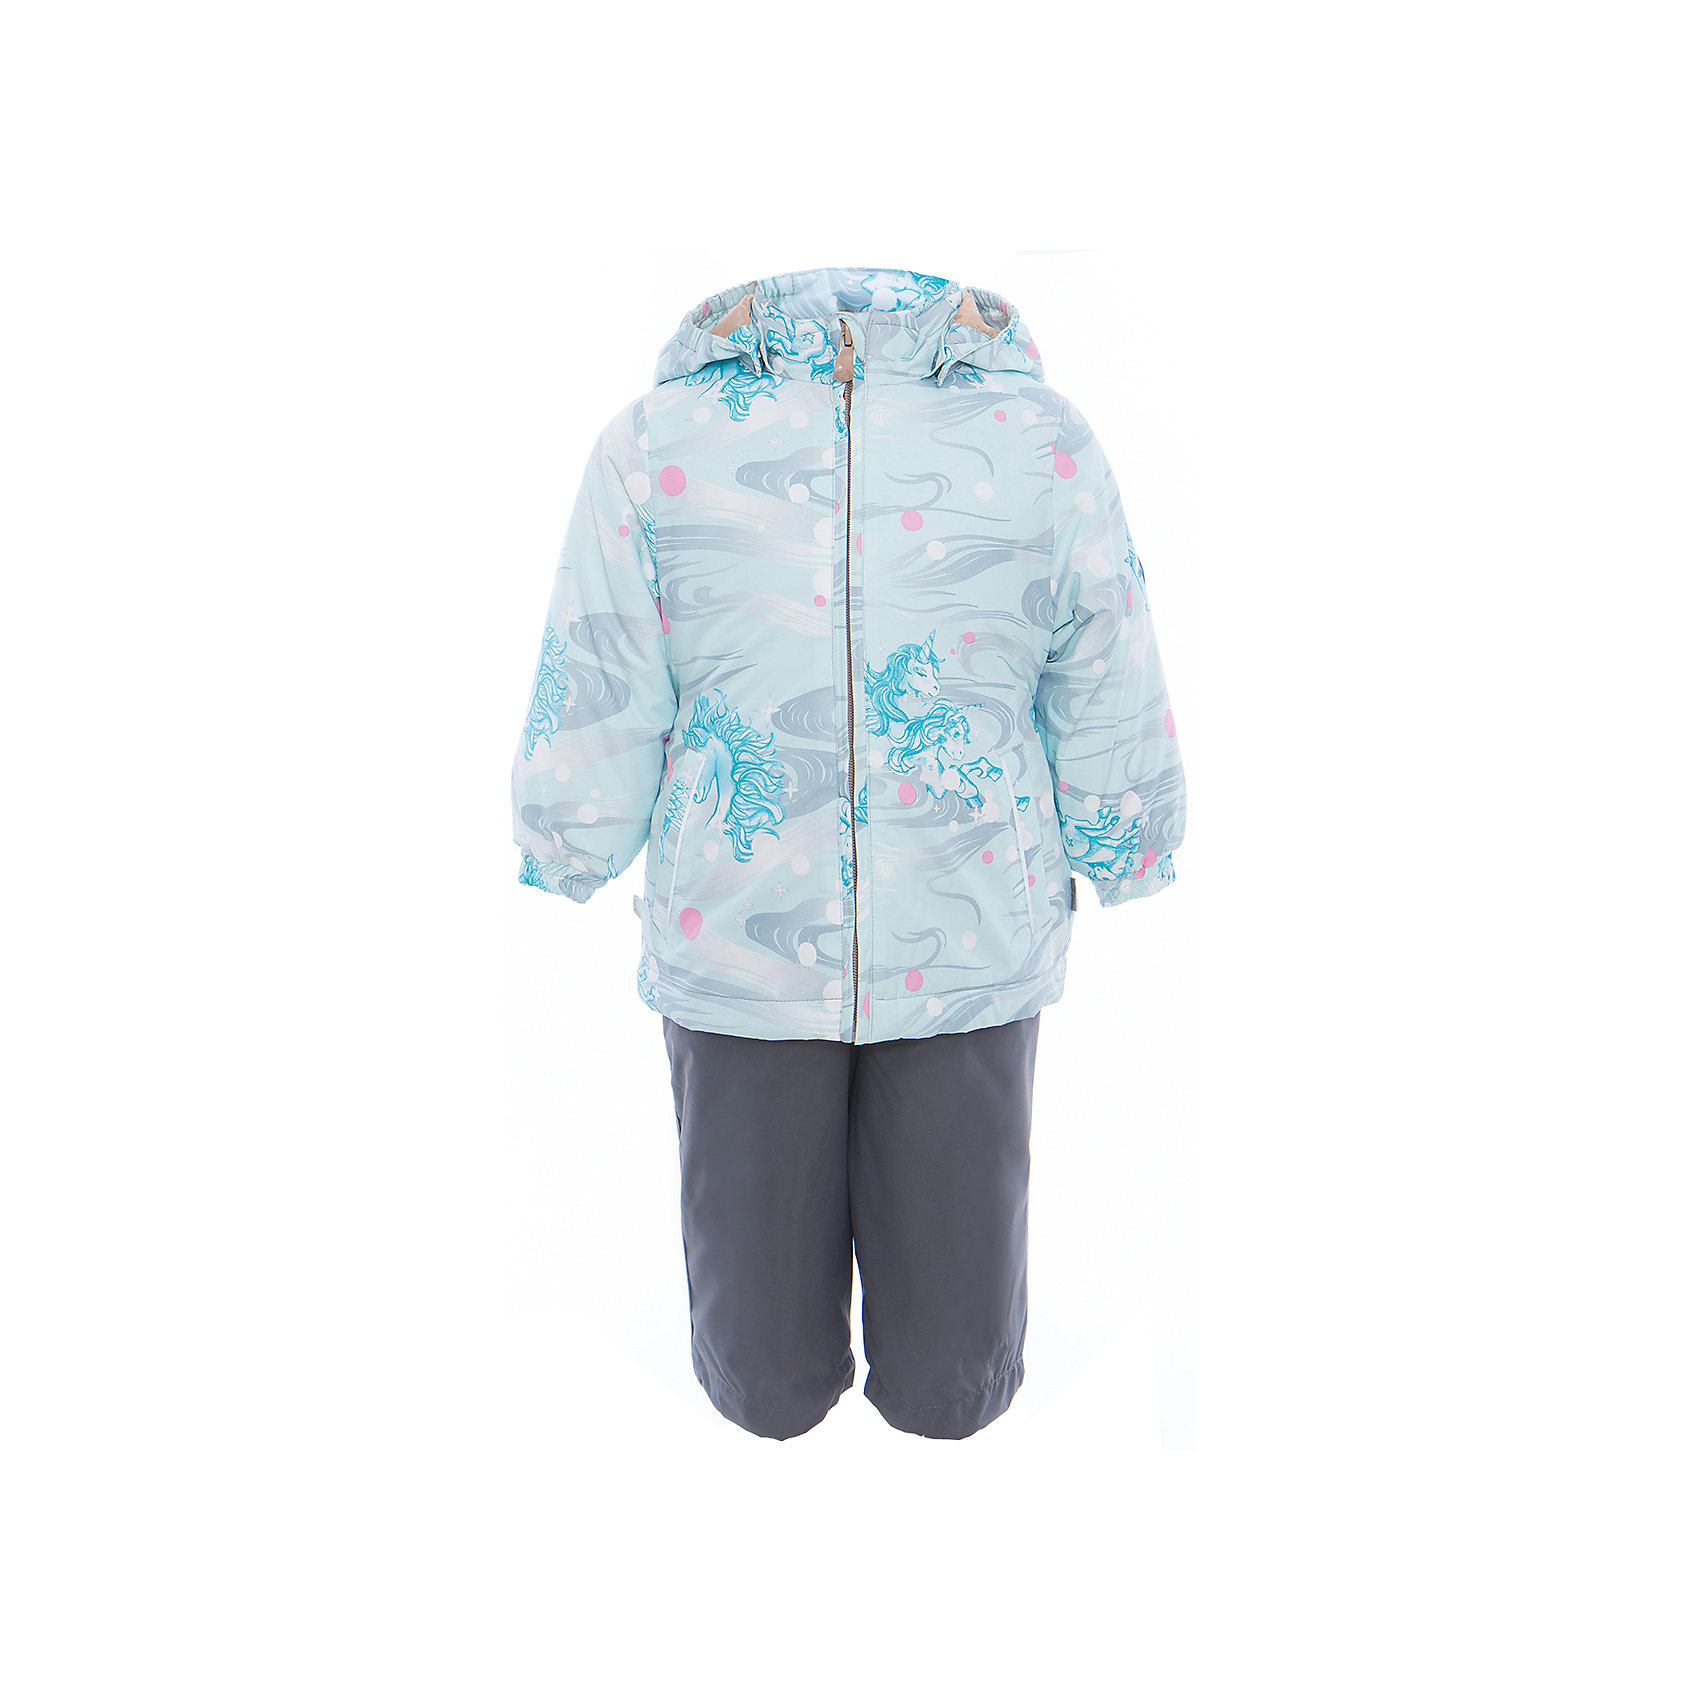 Комплект: куртка и полукомбинезон для девочки YONNE HuppaВерхняя одежда<br>Характеристики товара:<br><br>• цвет: аква принт/серый<br>• комплектация: куртка и полукомбинезон <br>• ткань: 100% полиэстер<br>• подкладка: тафта - 100% полиэстер<br>• утеплитель: куртка и полукомбинезон - 100% полиэстер 100 г.<br>• температурный режим: от -5°С до +10°С<br>• водонепроницаемость: верх - 5000 мм, низ - 10000 мм<br>• воздухопроницаемость: верх - 5000 мм, низ - 10000 мм<br>• светоотражающие детали<br>• шов сидения проклеен<br>• съёмный капюшон с резинкой<br>• защита подбородка от молнии<br>• эластичные манжеты на рукавах<br>• регулируемый низ брючин<br>• эластичный шнур с фиксатором внизу брючин<br>• без внутренних швов<br>• резиновые подтяжки<br>• коллекция: весна-лето 2017<br>• страна бренда: Эстония<br><br>Такой модный демисезонный комплект  обеспечит детям тепло и комфорт. Он сделан из материала, отталкивающего воду, и дополнен подкладкой с утеплителем, поэтому изделие идеально подходит для межсезонья. Материал изделий - с мембранной технологией: защищая от влаги и ветра, он легко выводит лишнюю влагу наружу. Комплект очень симпатично смотрится. <br><br>Одежда и обувь от популярного эстонского бренда Huppa - отличный вариант одеть ребенка можно и комфортно. Вещи, выпускаемые компанией, качественные, продуманные и очень удобные. Для производства изделий используются только безопасные для детей материалы. Продукция от Huppa порадует и детей, и их родителей!<br><br>Комплект: куртка и полукомбинезон YONNE от бренда Huppa (Хуппа) можно купить в нашем интернет-магазине.<br><br>Ширина мм: 356<br>Глубина мм: 10<br>Высота мм: 245<br>Вес г: 519<br>Цвет: зеленый<br>Возраст от месяцев: 12<br>Возраст до месяцев: 15<br>Пол: Женский<br>Возраст: Детский<br>Размер: 80,122,116,110,104,98,92,86<br>SKU: 5346654